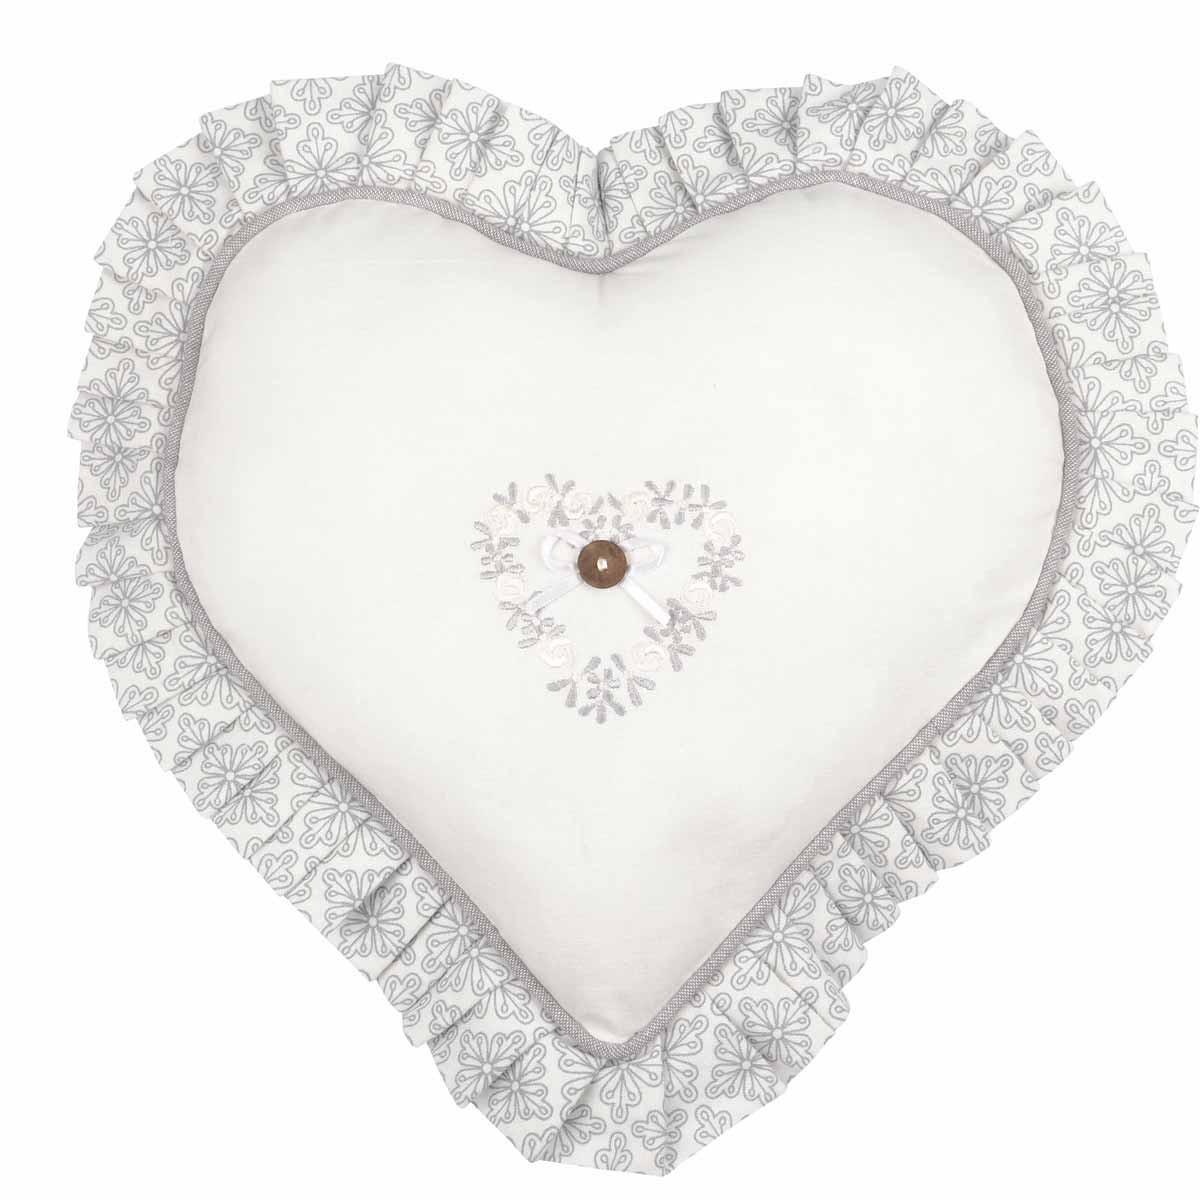 Διακοσμητικό Μαξιλάρι Καρδιά Manoir C28308001